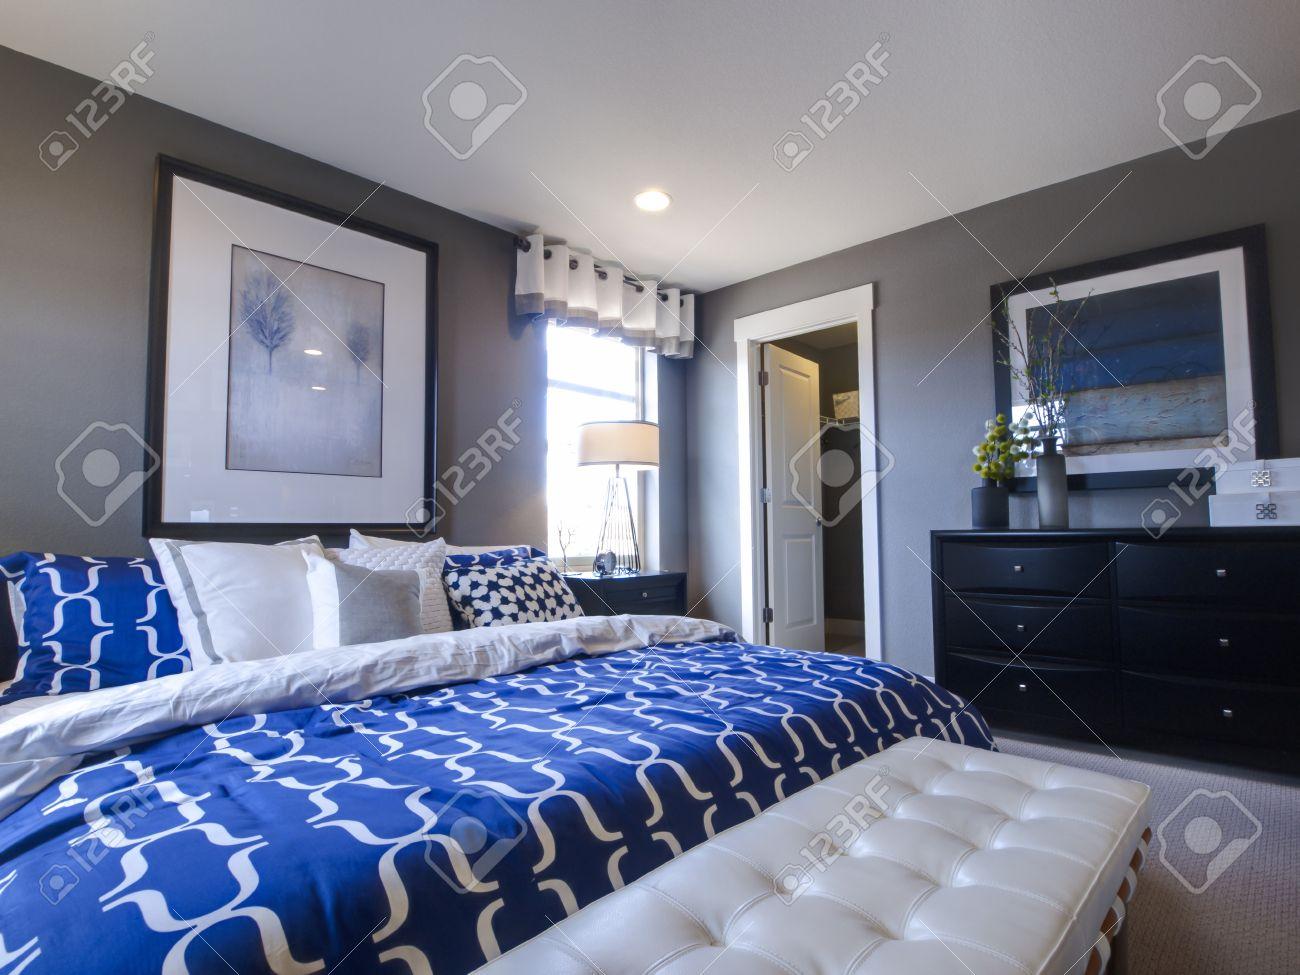 Chambre A Coucher Principale Moderne Avec Mur Bleu Et Blanc Linge De Maison Banque D Images Et Photos Libres De Droits Image 15079265